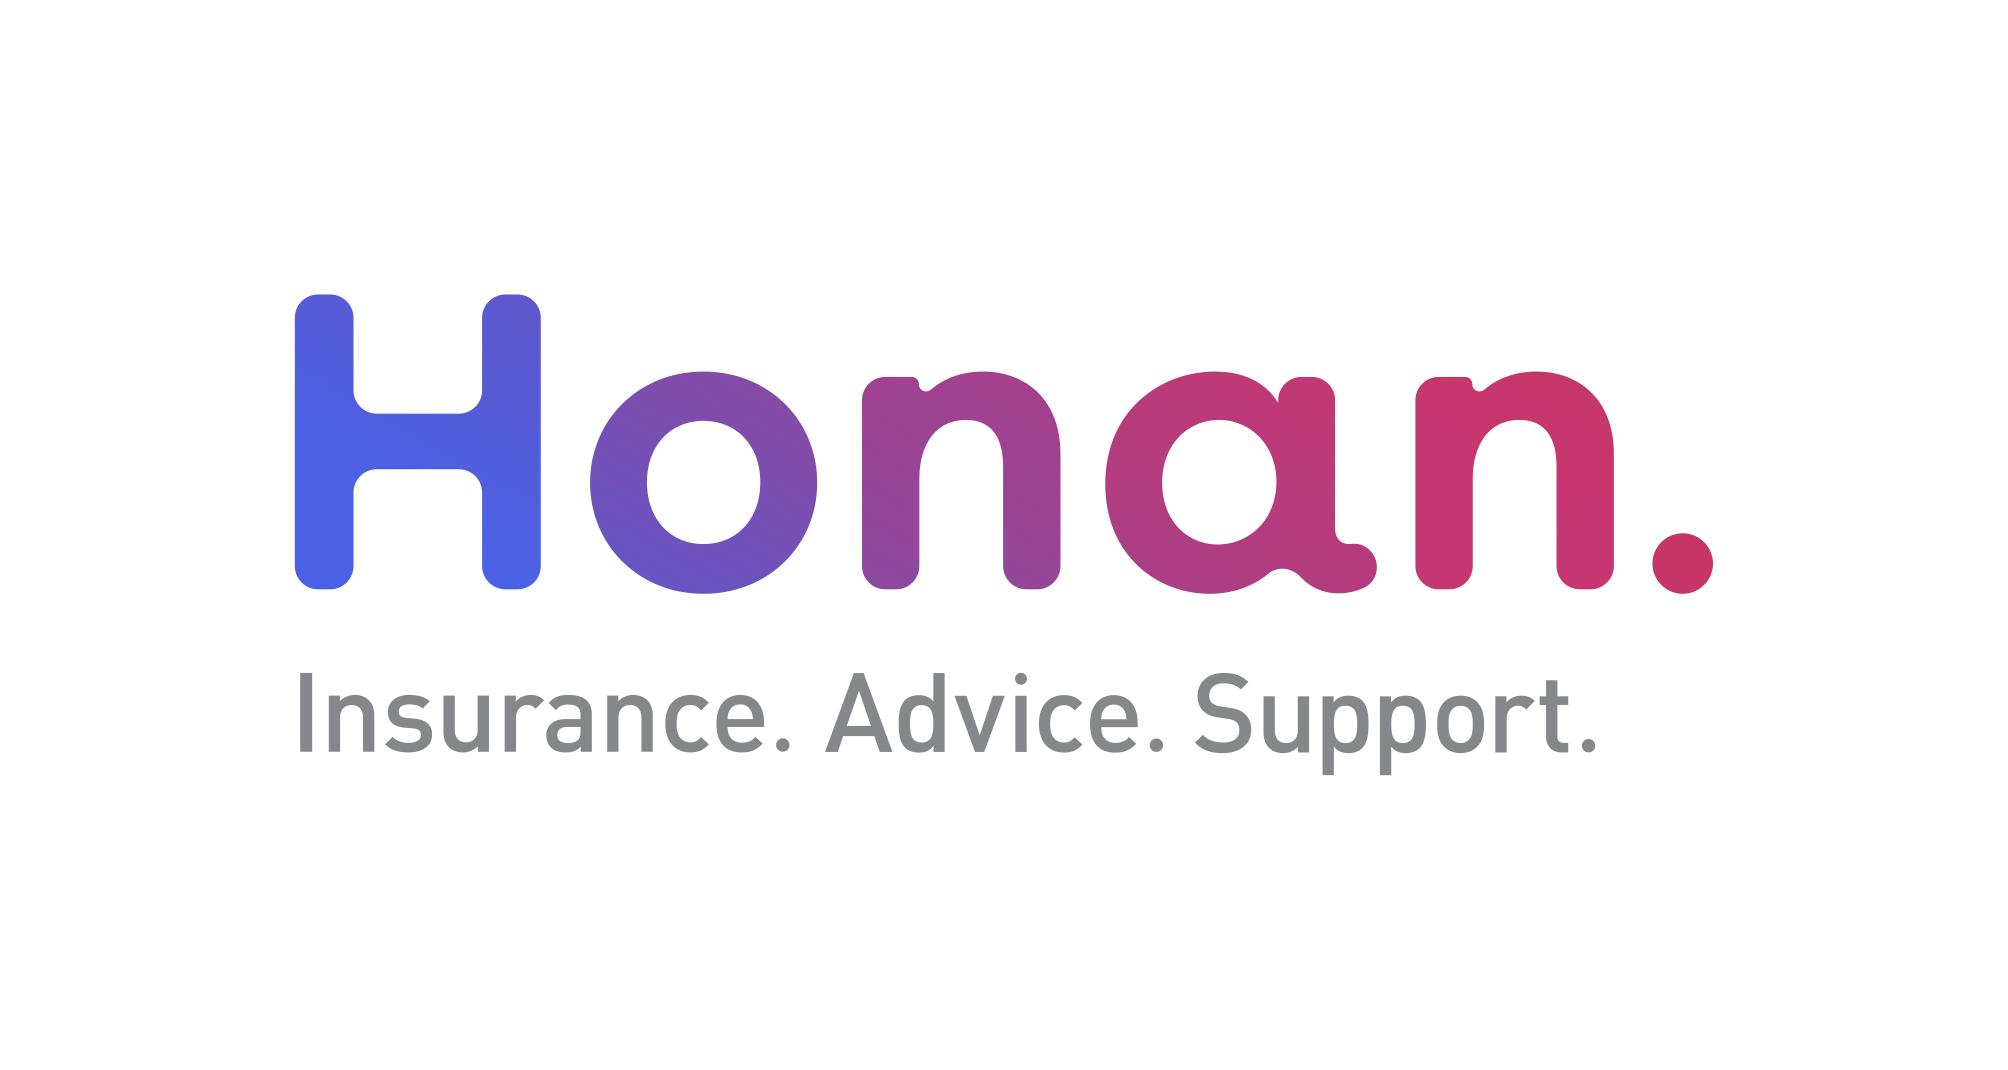 Honan_Logo_HORI[1].jpg